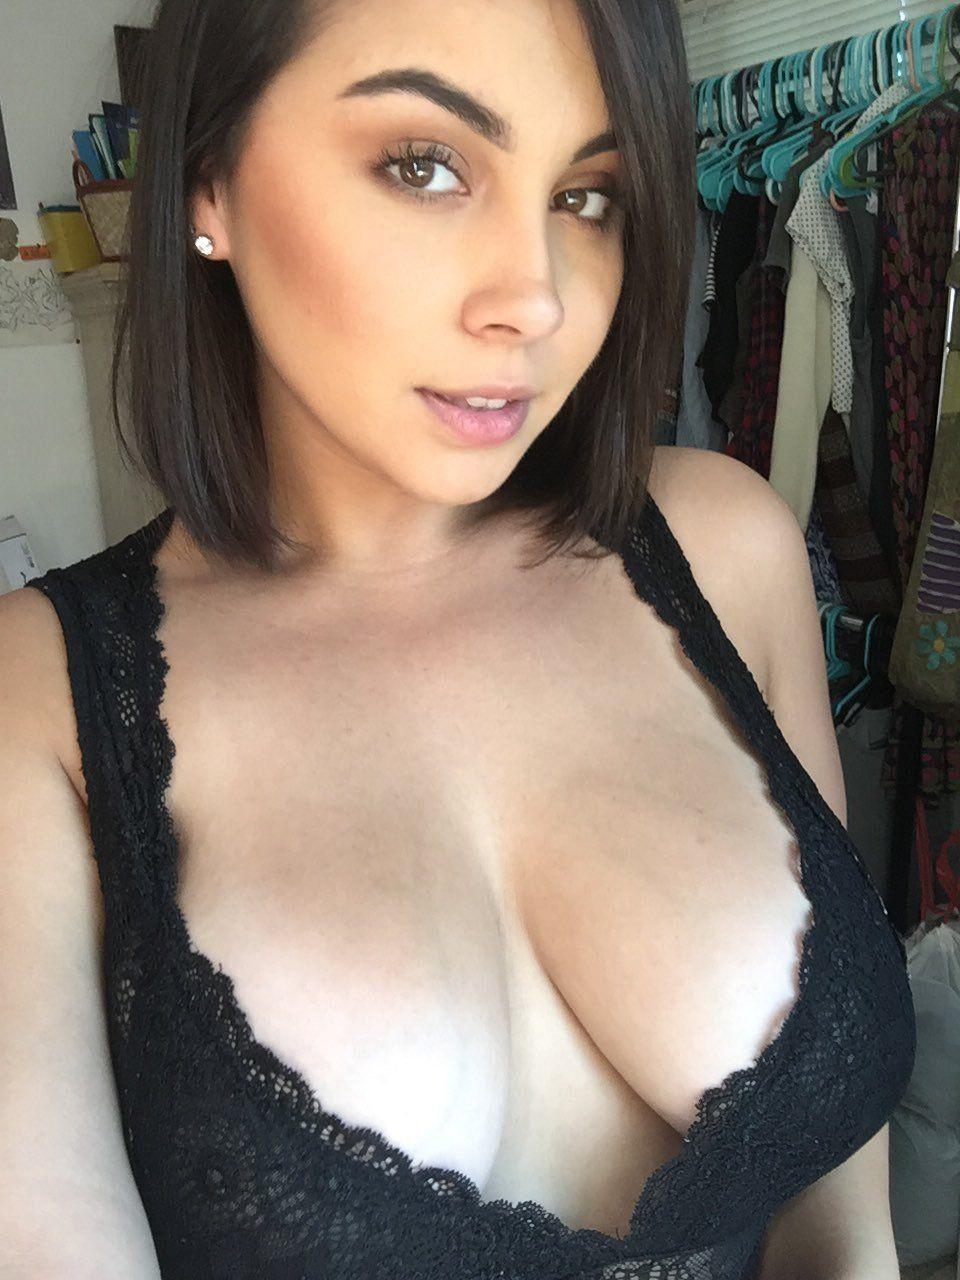 Vikk nude tori Tori Model